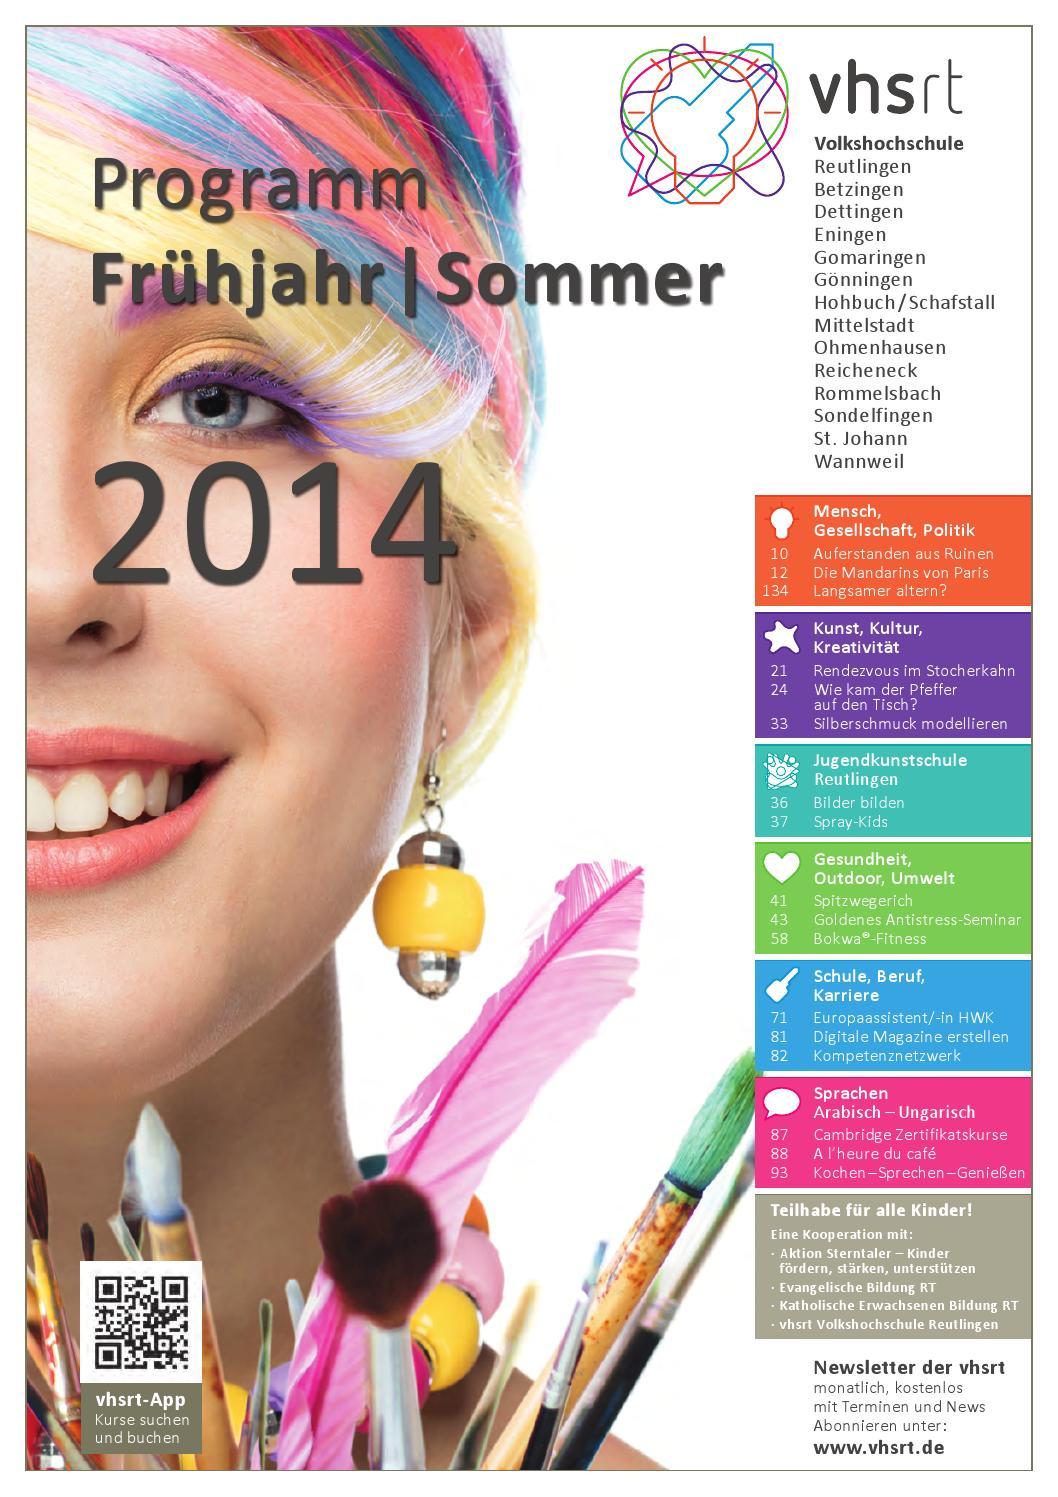 Programm Frühjahr/Sommer 20 by Volkshochschule Reutlingen   issuu